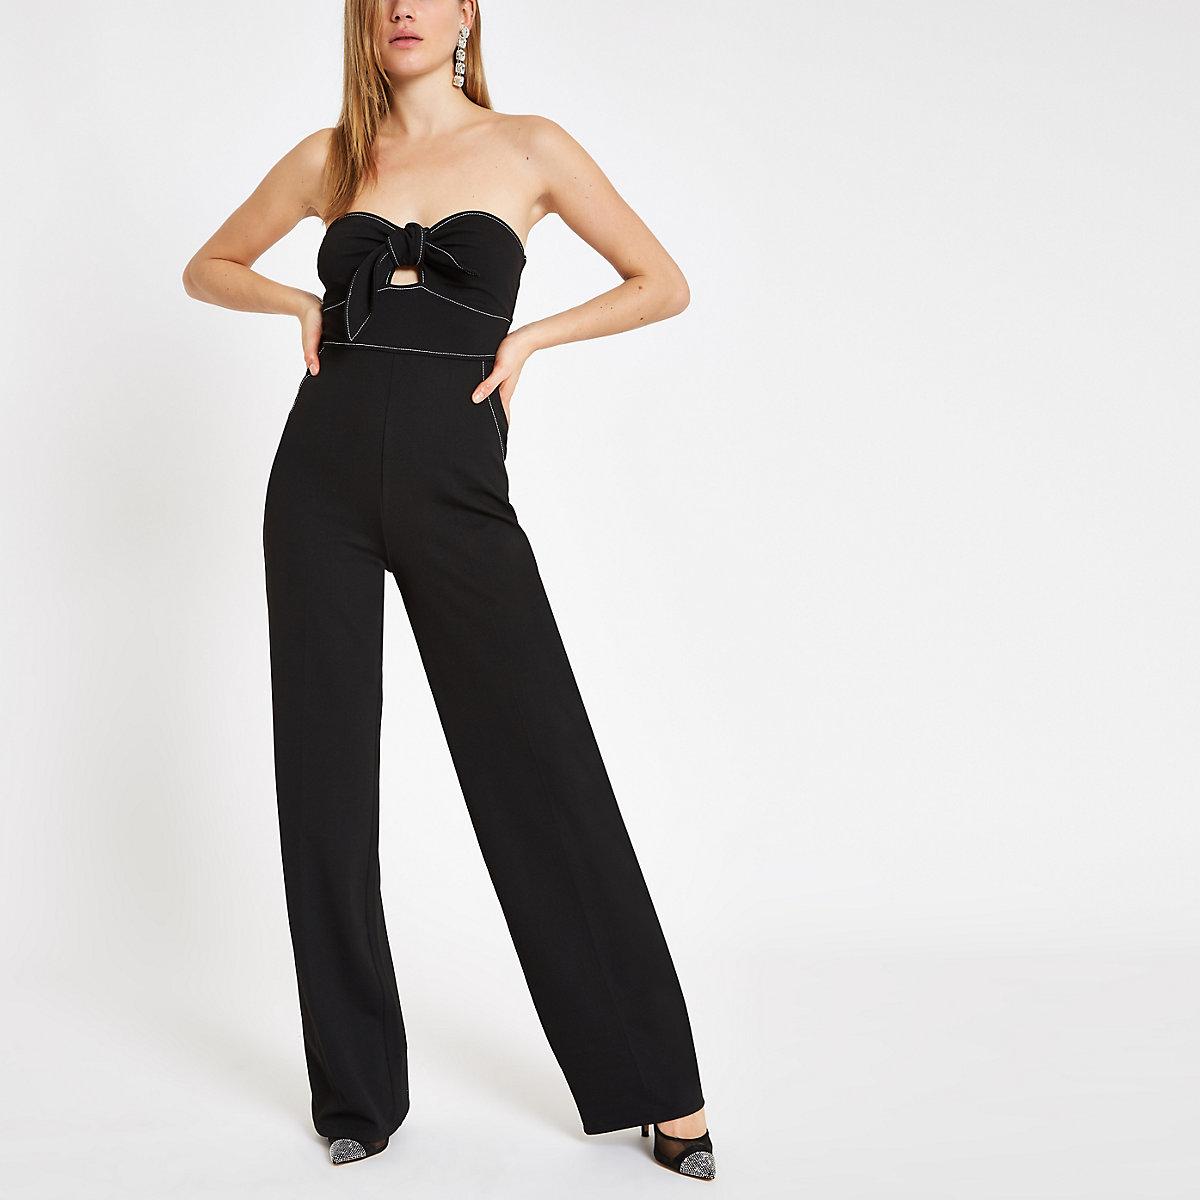 Zwarte jumpsuit in bandeaustijl met smaltoelopende pijpen en strik voor